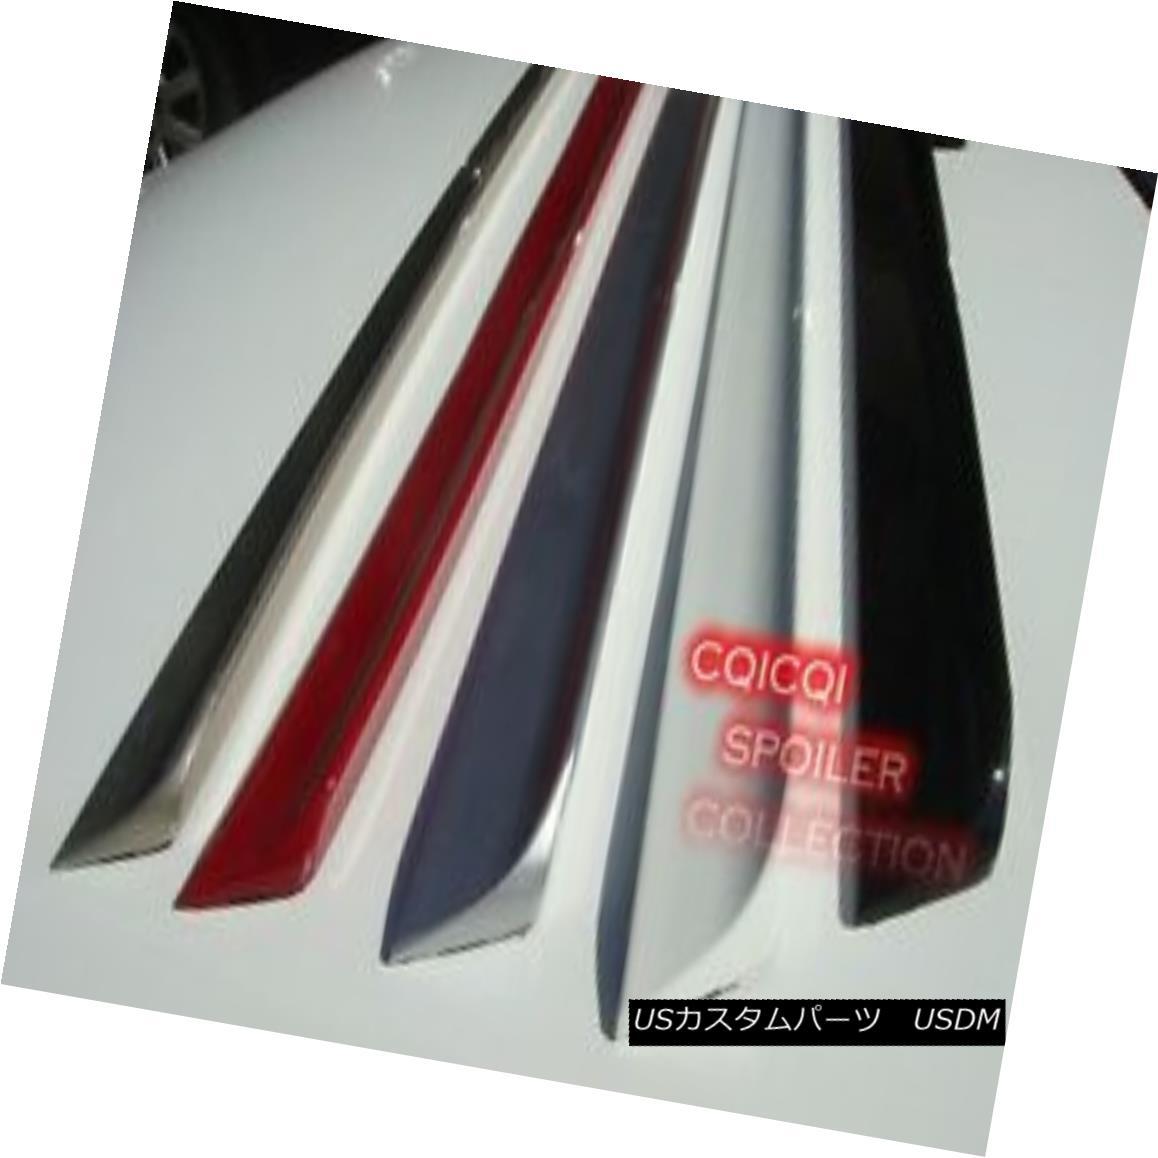 エアロパーツ Painted Trunk Lip Spoiler For 99~05 MERCEDES BENZ w220 S class sedan ◎ 塗装トランクリップスポイラー99?05メルセデスベンツw220 Sクラスセダン?